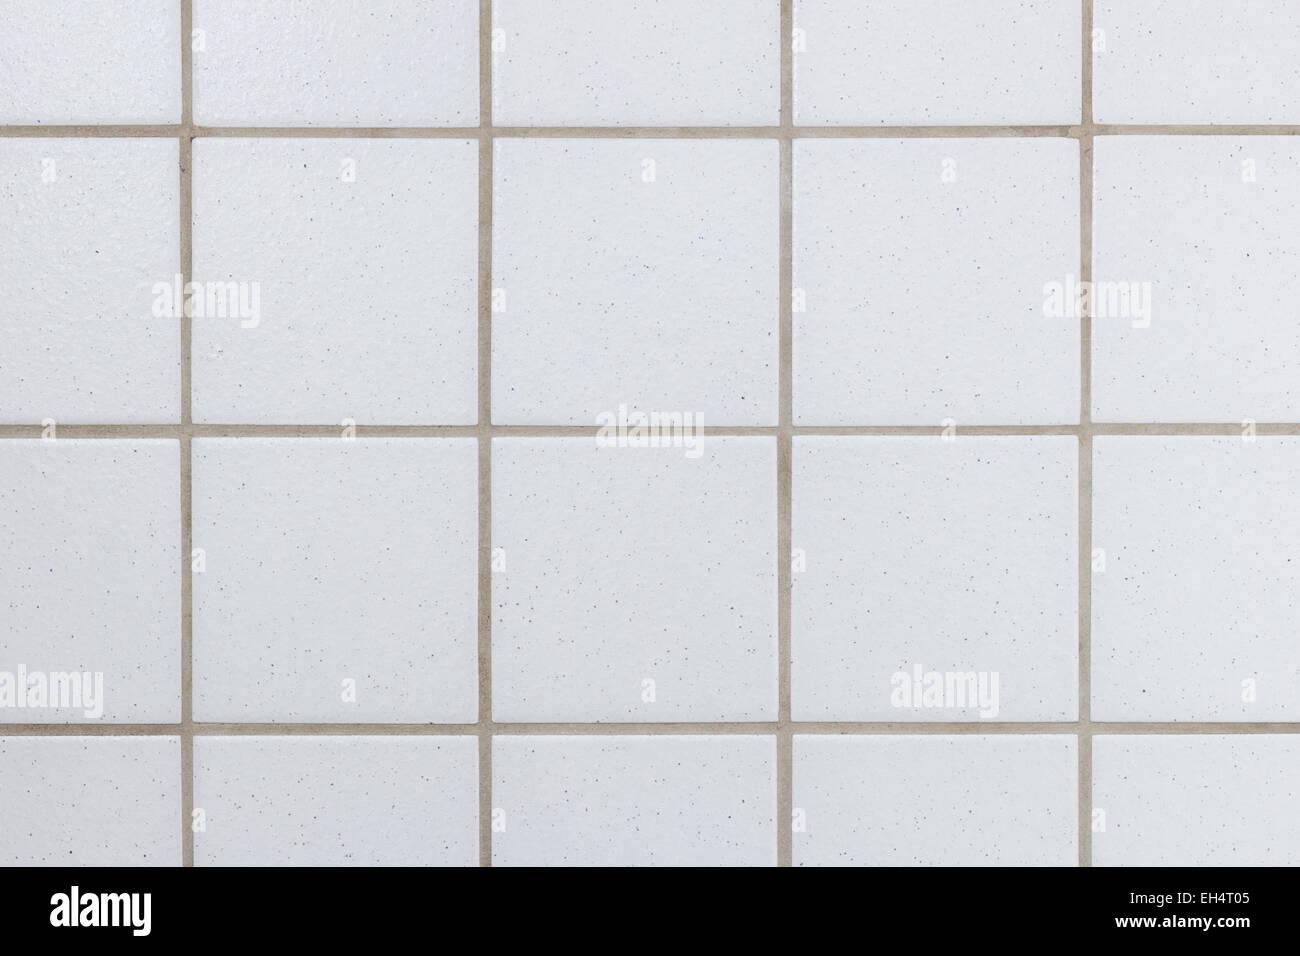 Nahaufnahme Einer Leichten Grauweißen Fliesen Wand Textur Stockfoto - Marmorierte fliesen